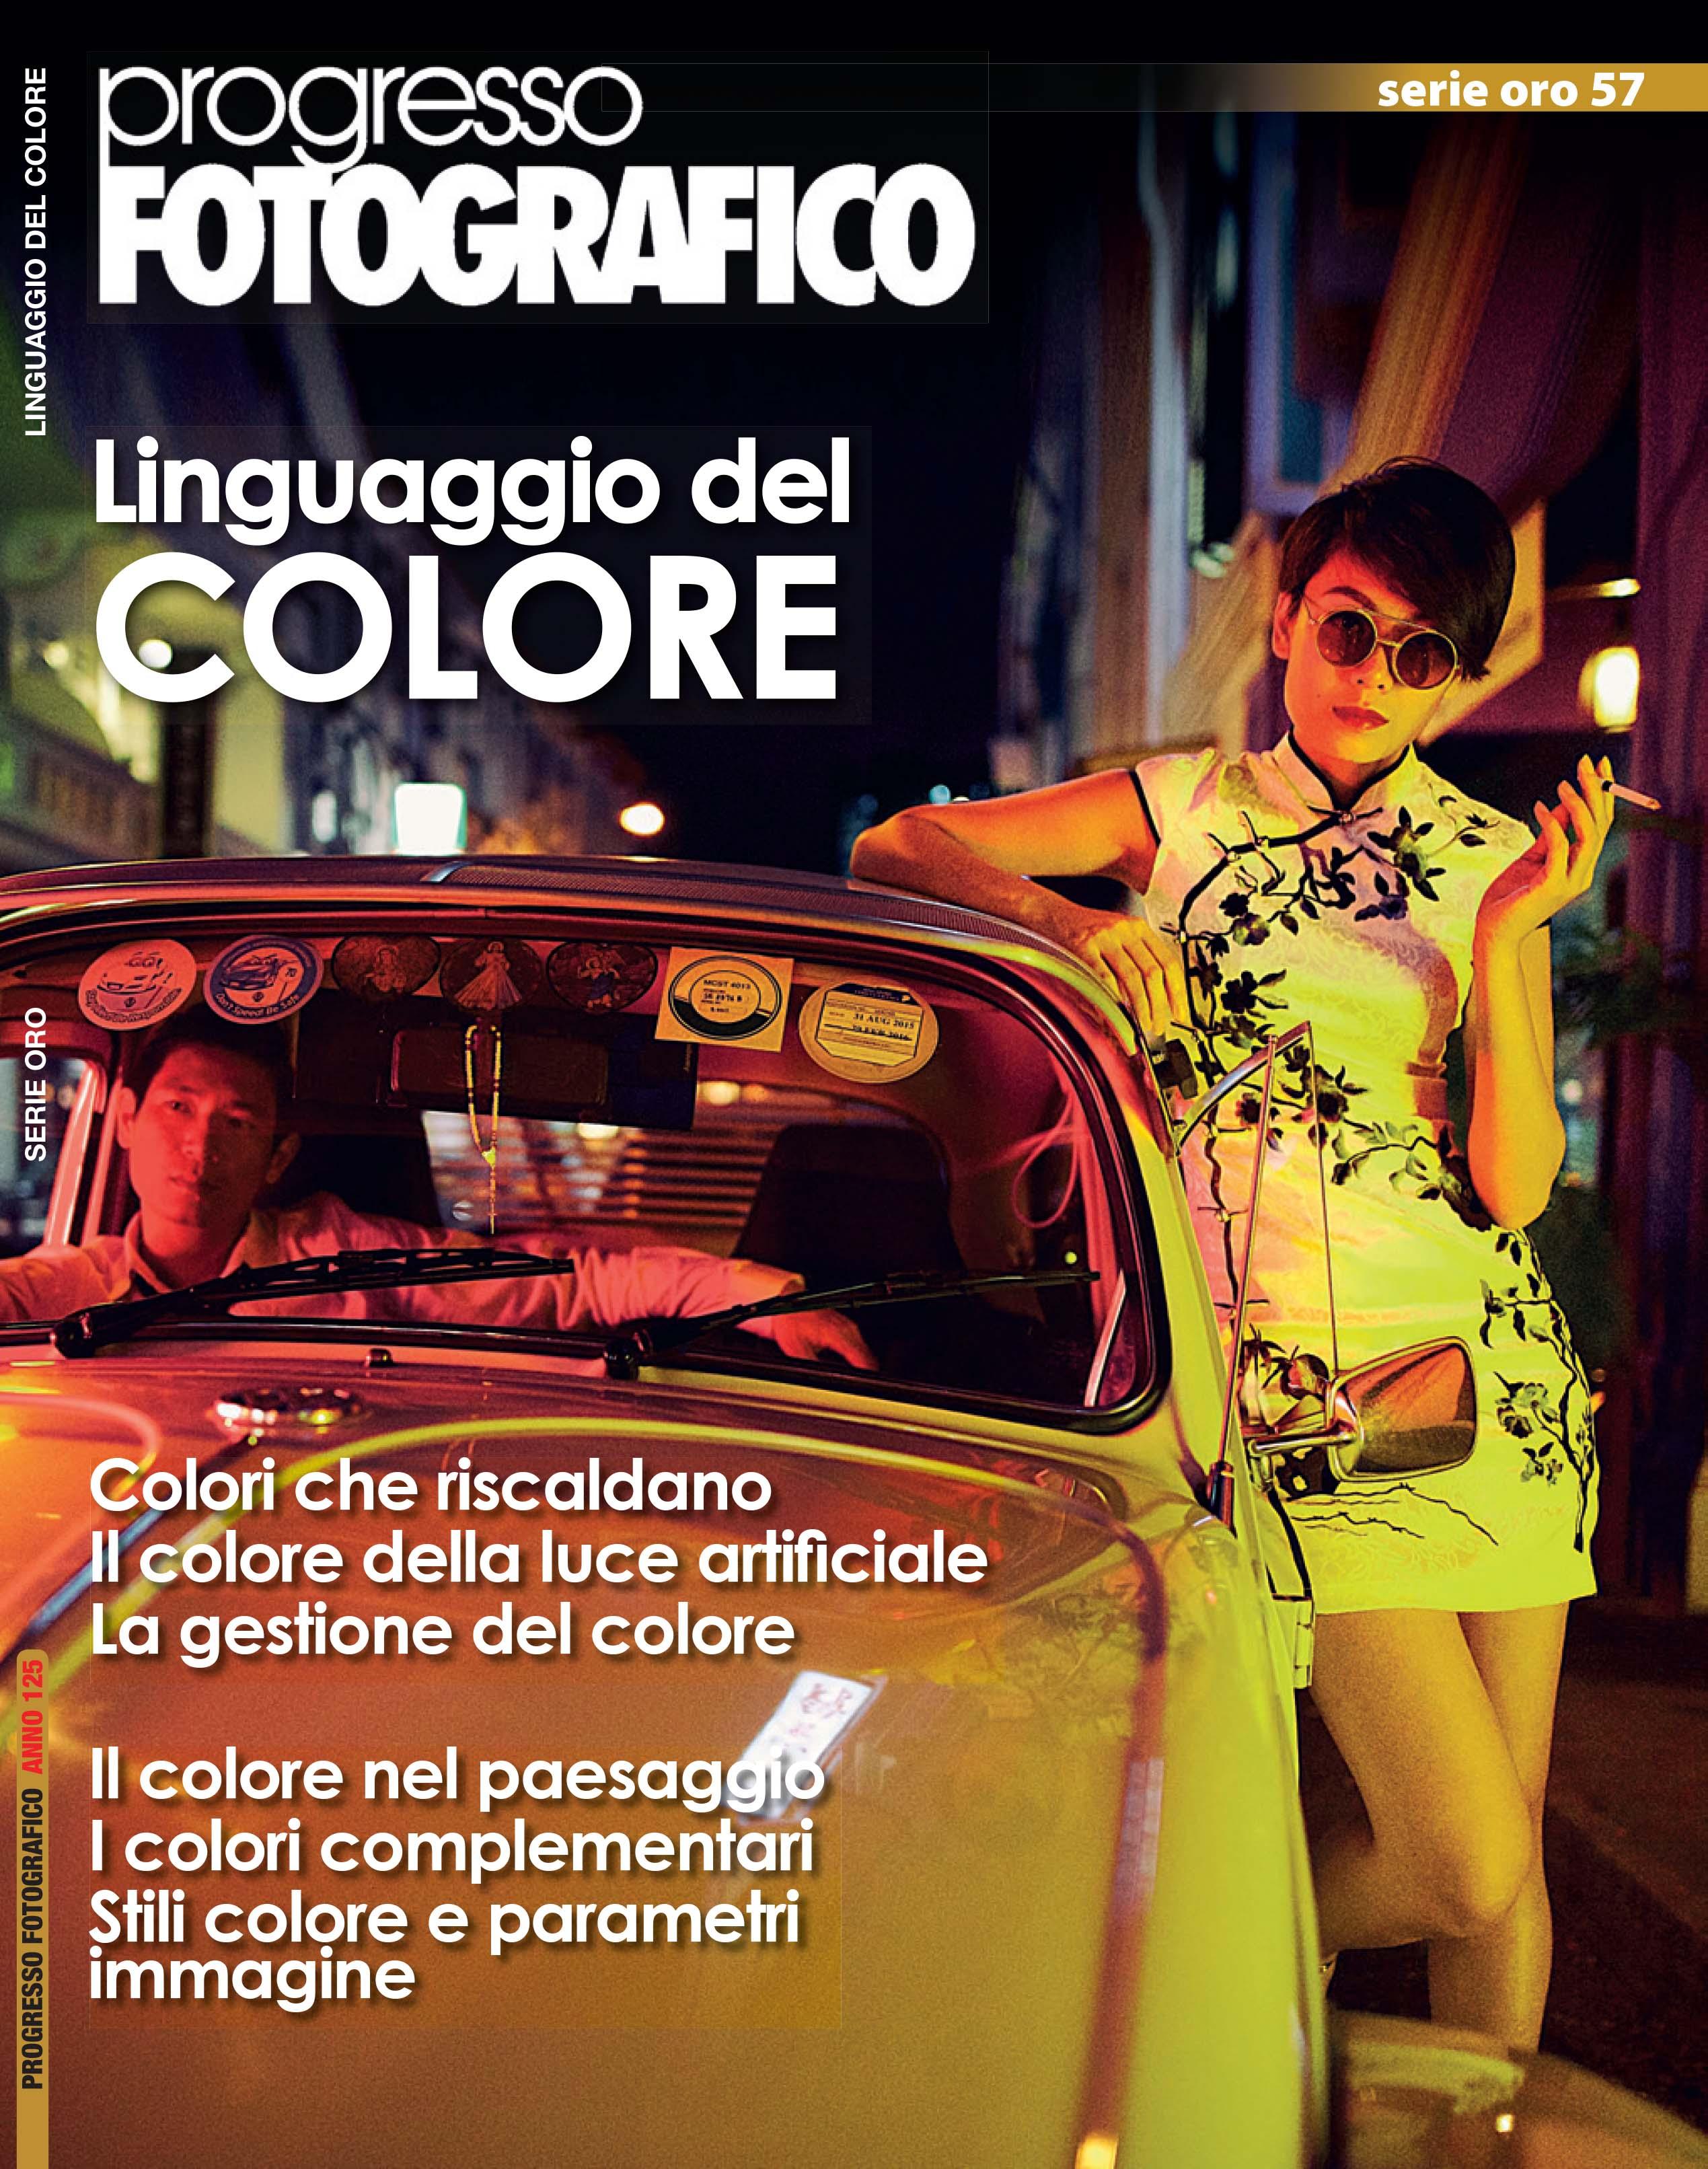 https://www.rsphotography.it/2019/07/14/2-gestione-colore-da-dove-cominciare-monitor-e-calibrazione-3/